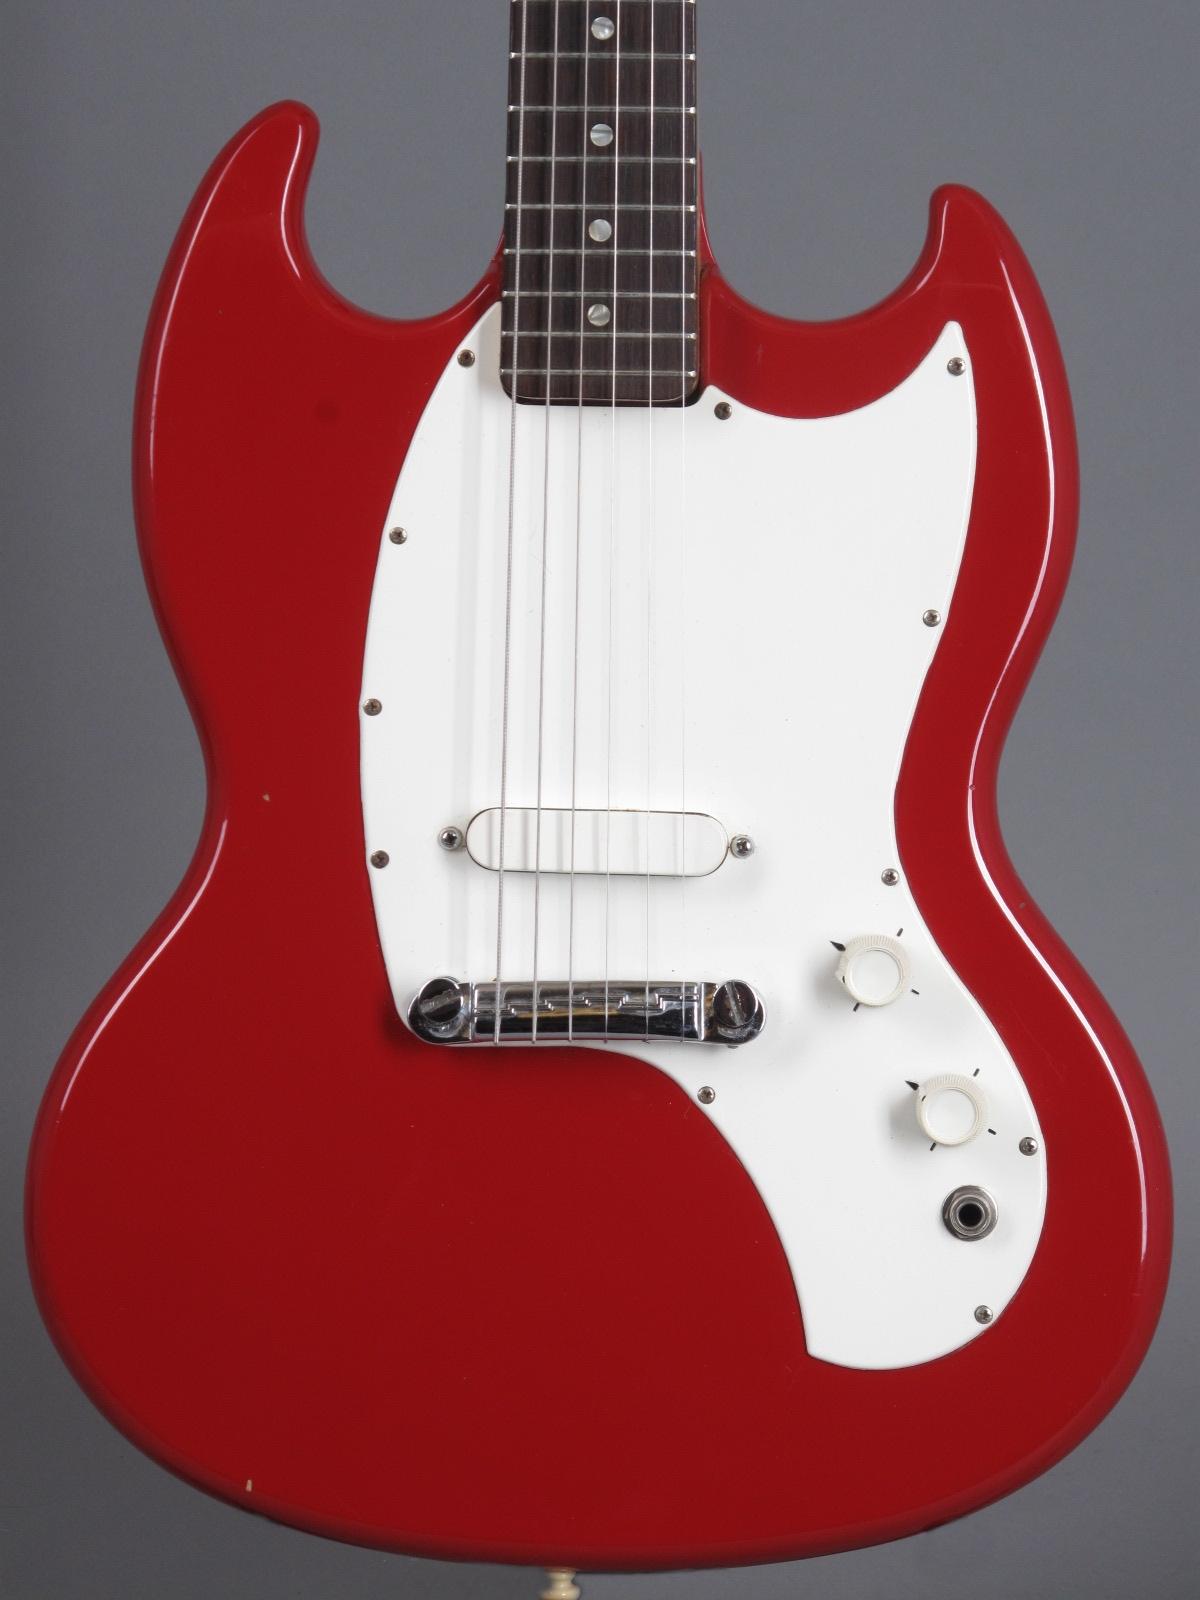 1968 Kalamazoo KG1A - Red